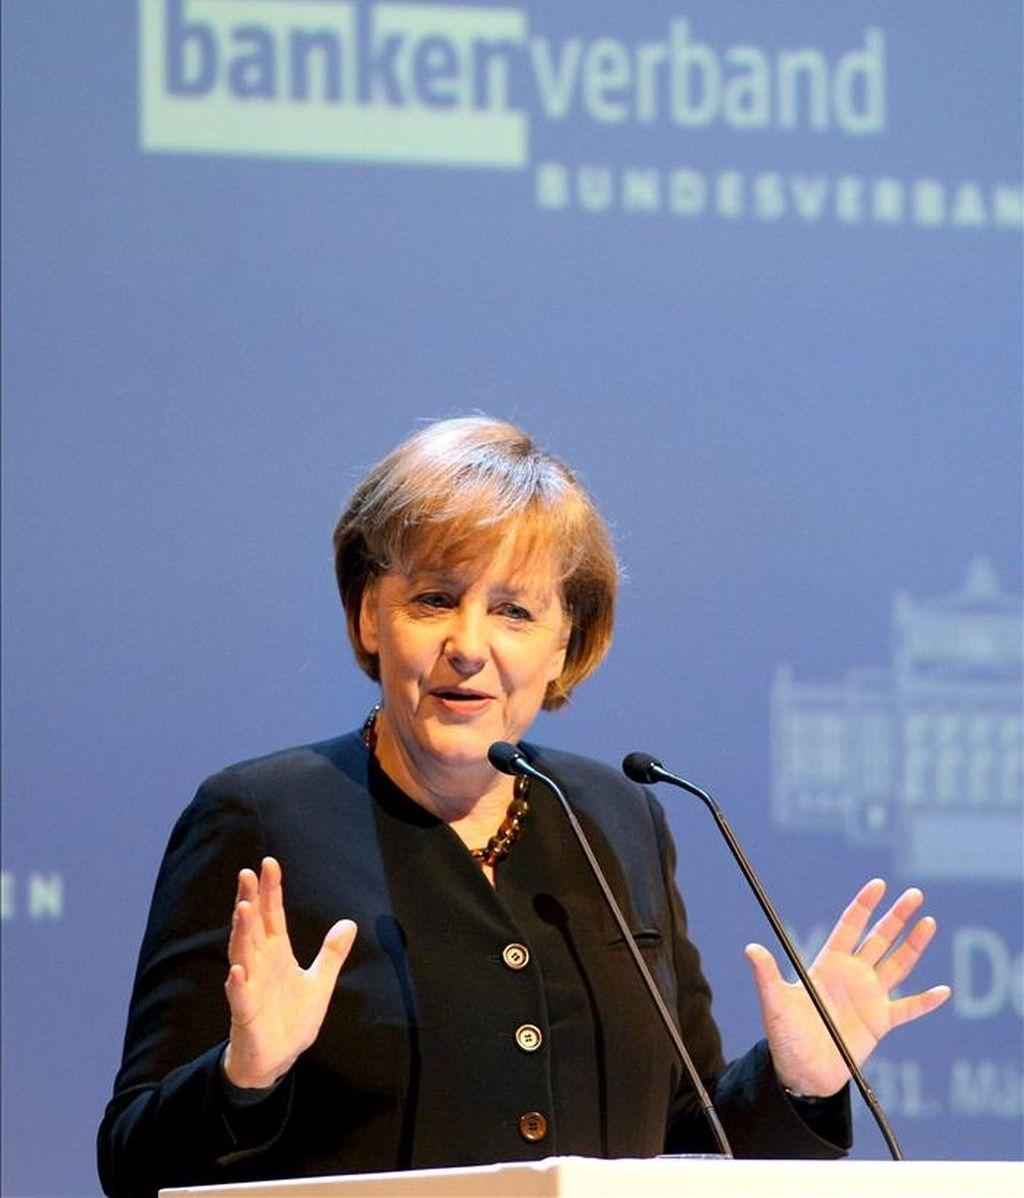 La canciller alemana, Angela Merkel interviene en una convención la víspera de ser operada de la rodilla. EFE